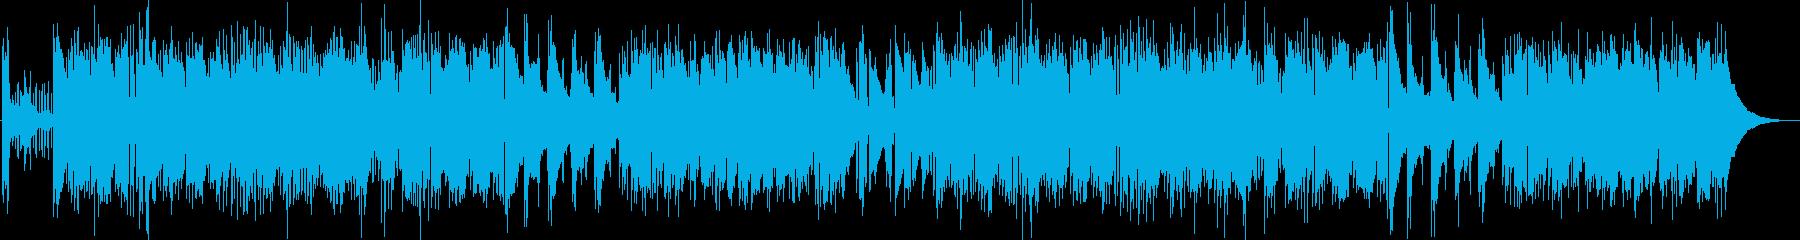 チープでポップなピアノジャズの再生済みの波形